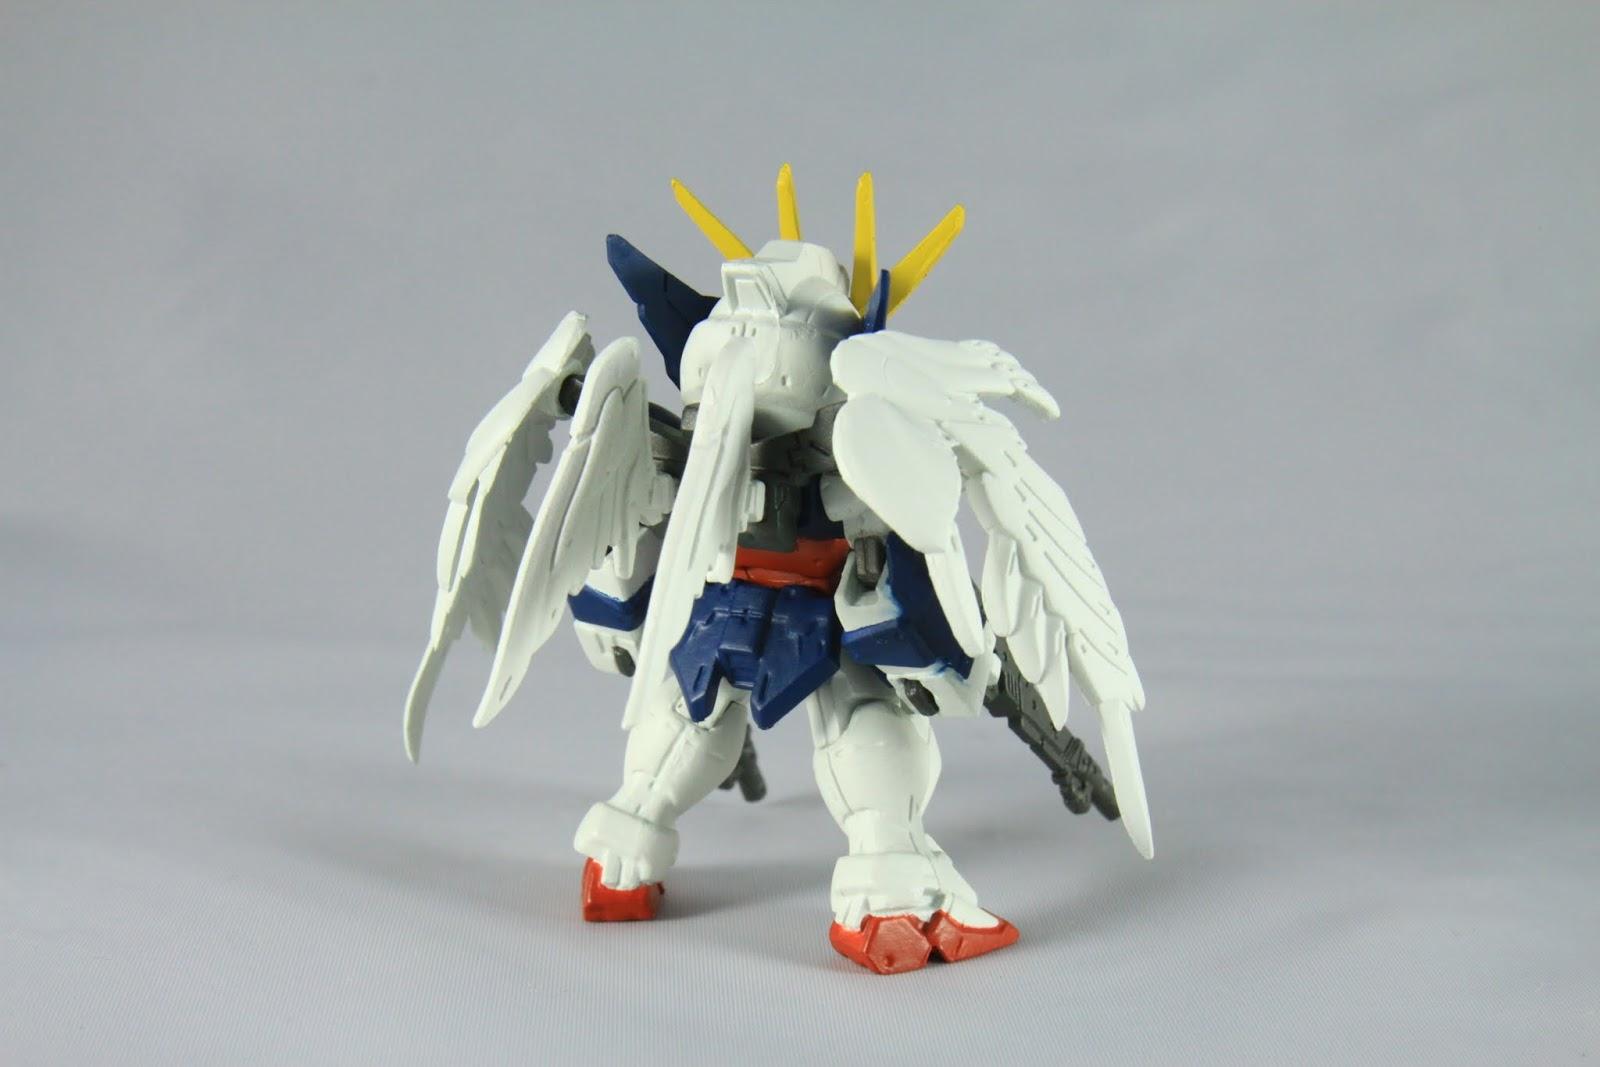 """機體特徵當然是那非常不合理的天使翅膀 所以也被稱為天使鋼彈 而也因為前面說的""""掉毛""""畫面 導致也有被稱為""""脫毛鋼彈""""或""""掉毛鋼彈"""" 本款礙於系列風格把翅膀給縮小了 所以從天使變成了雞翅!"""